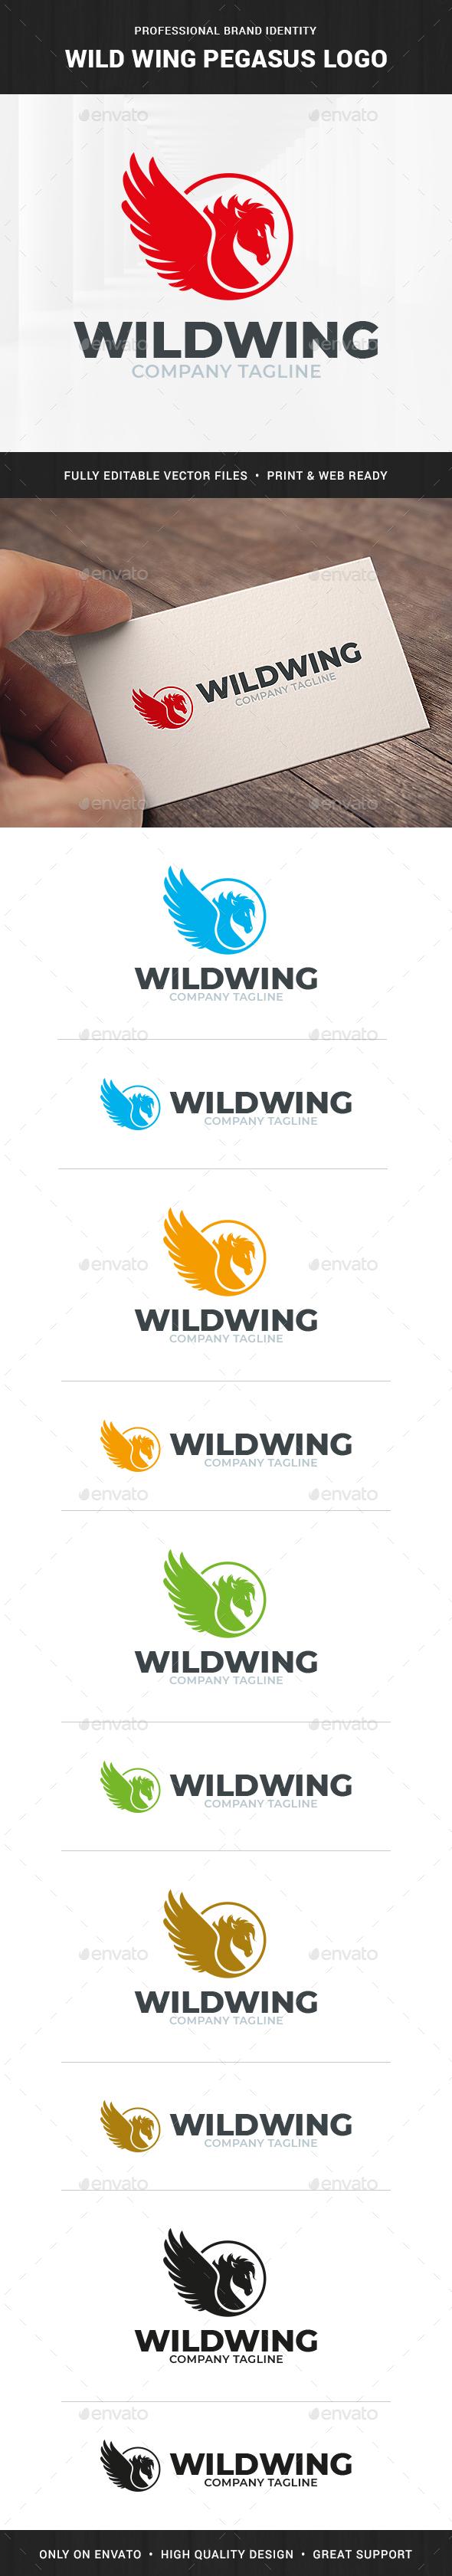 Wild Wing Pegasus Logo Template